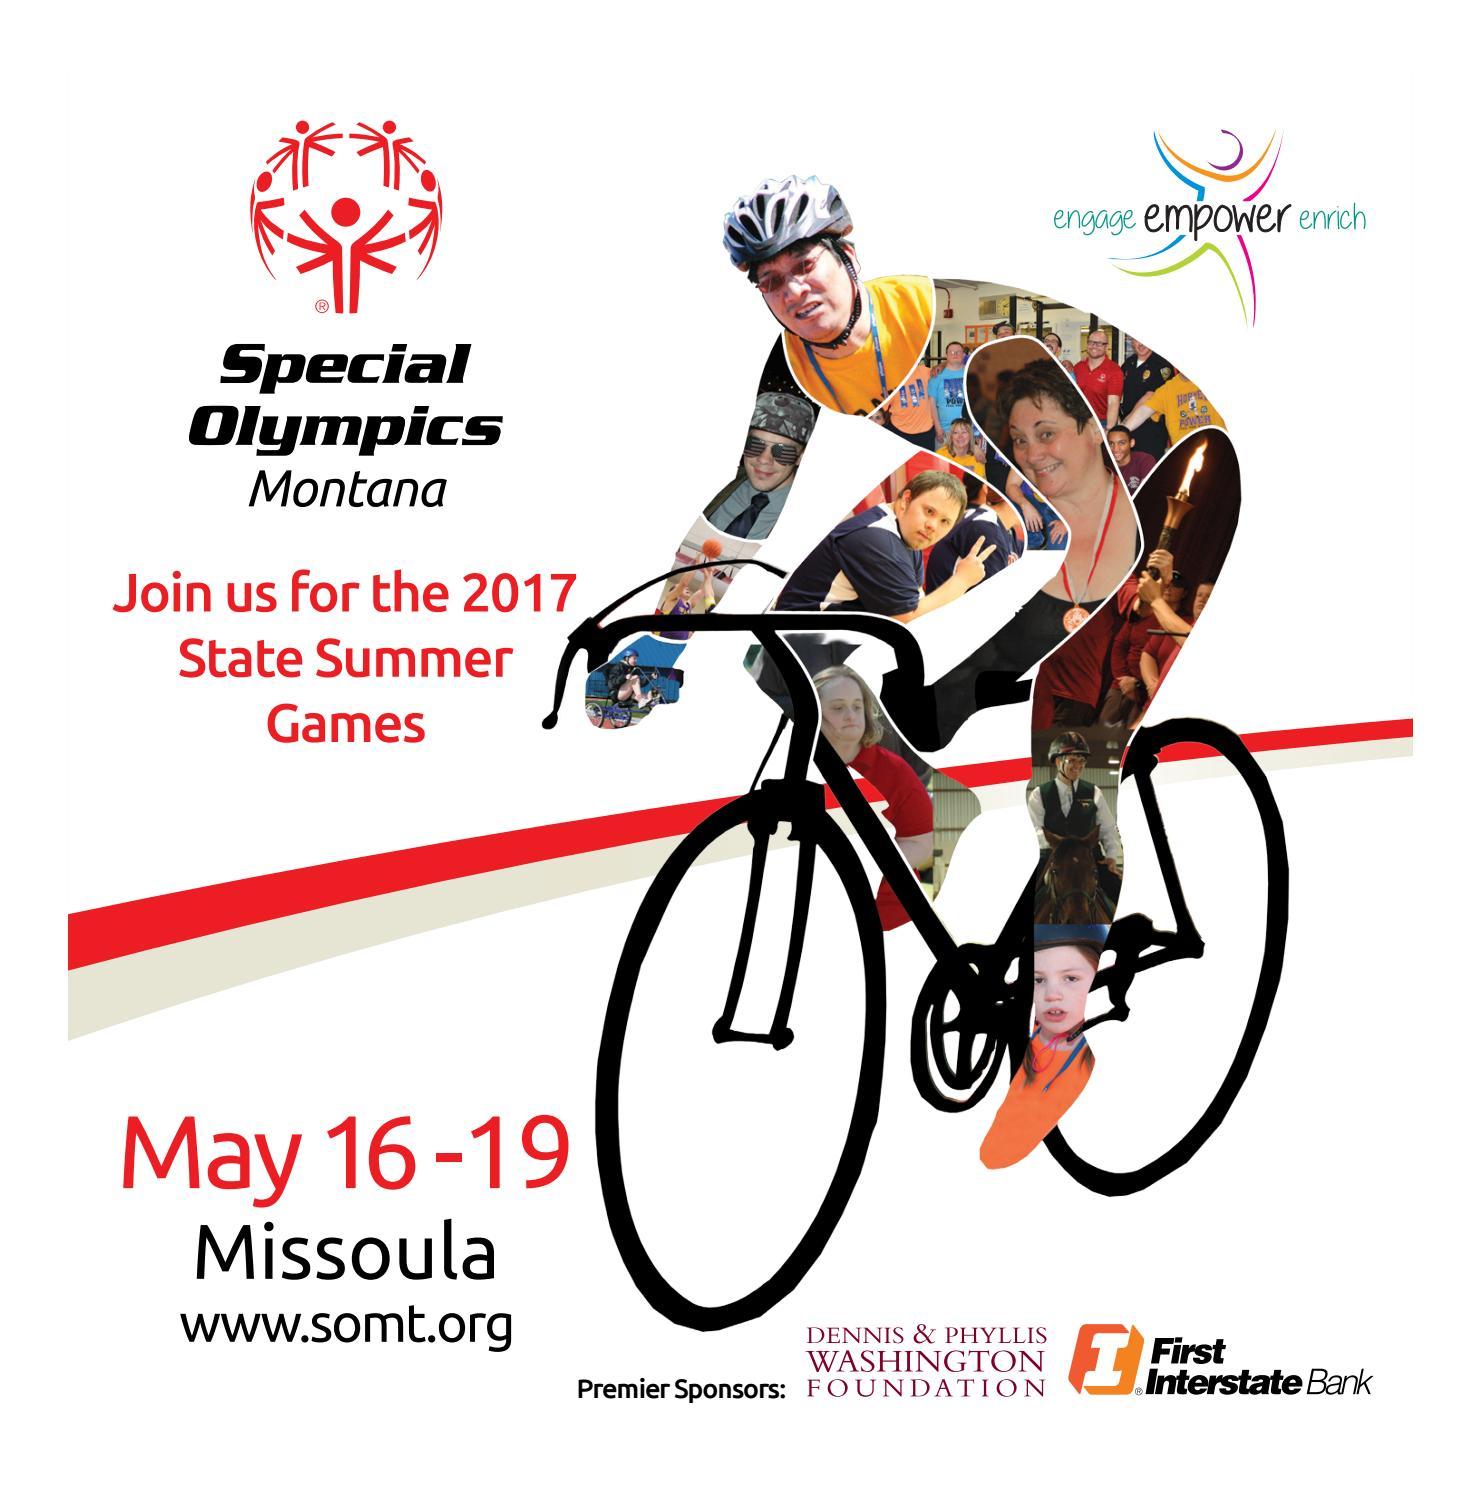 a27a4f56e16d Montana Special Olympics 2017 by Missoulian - issuu